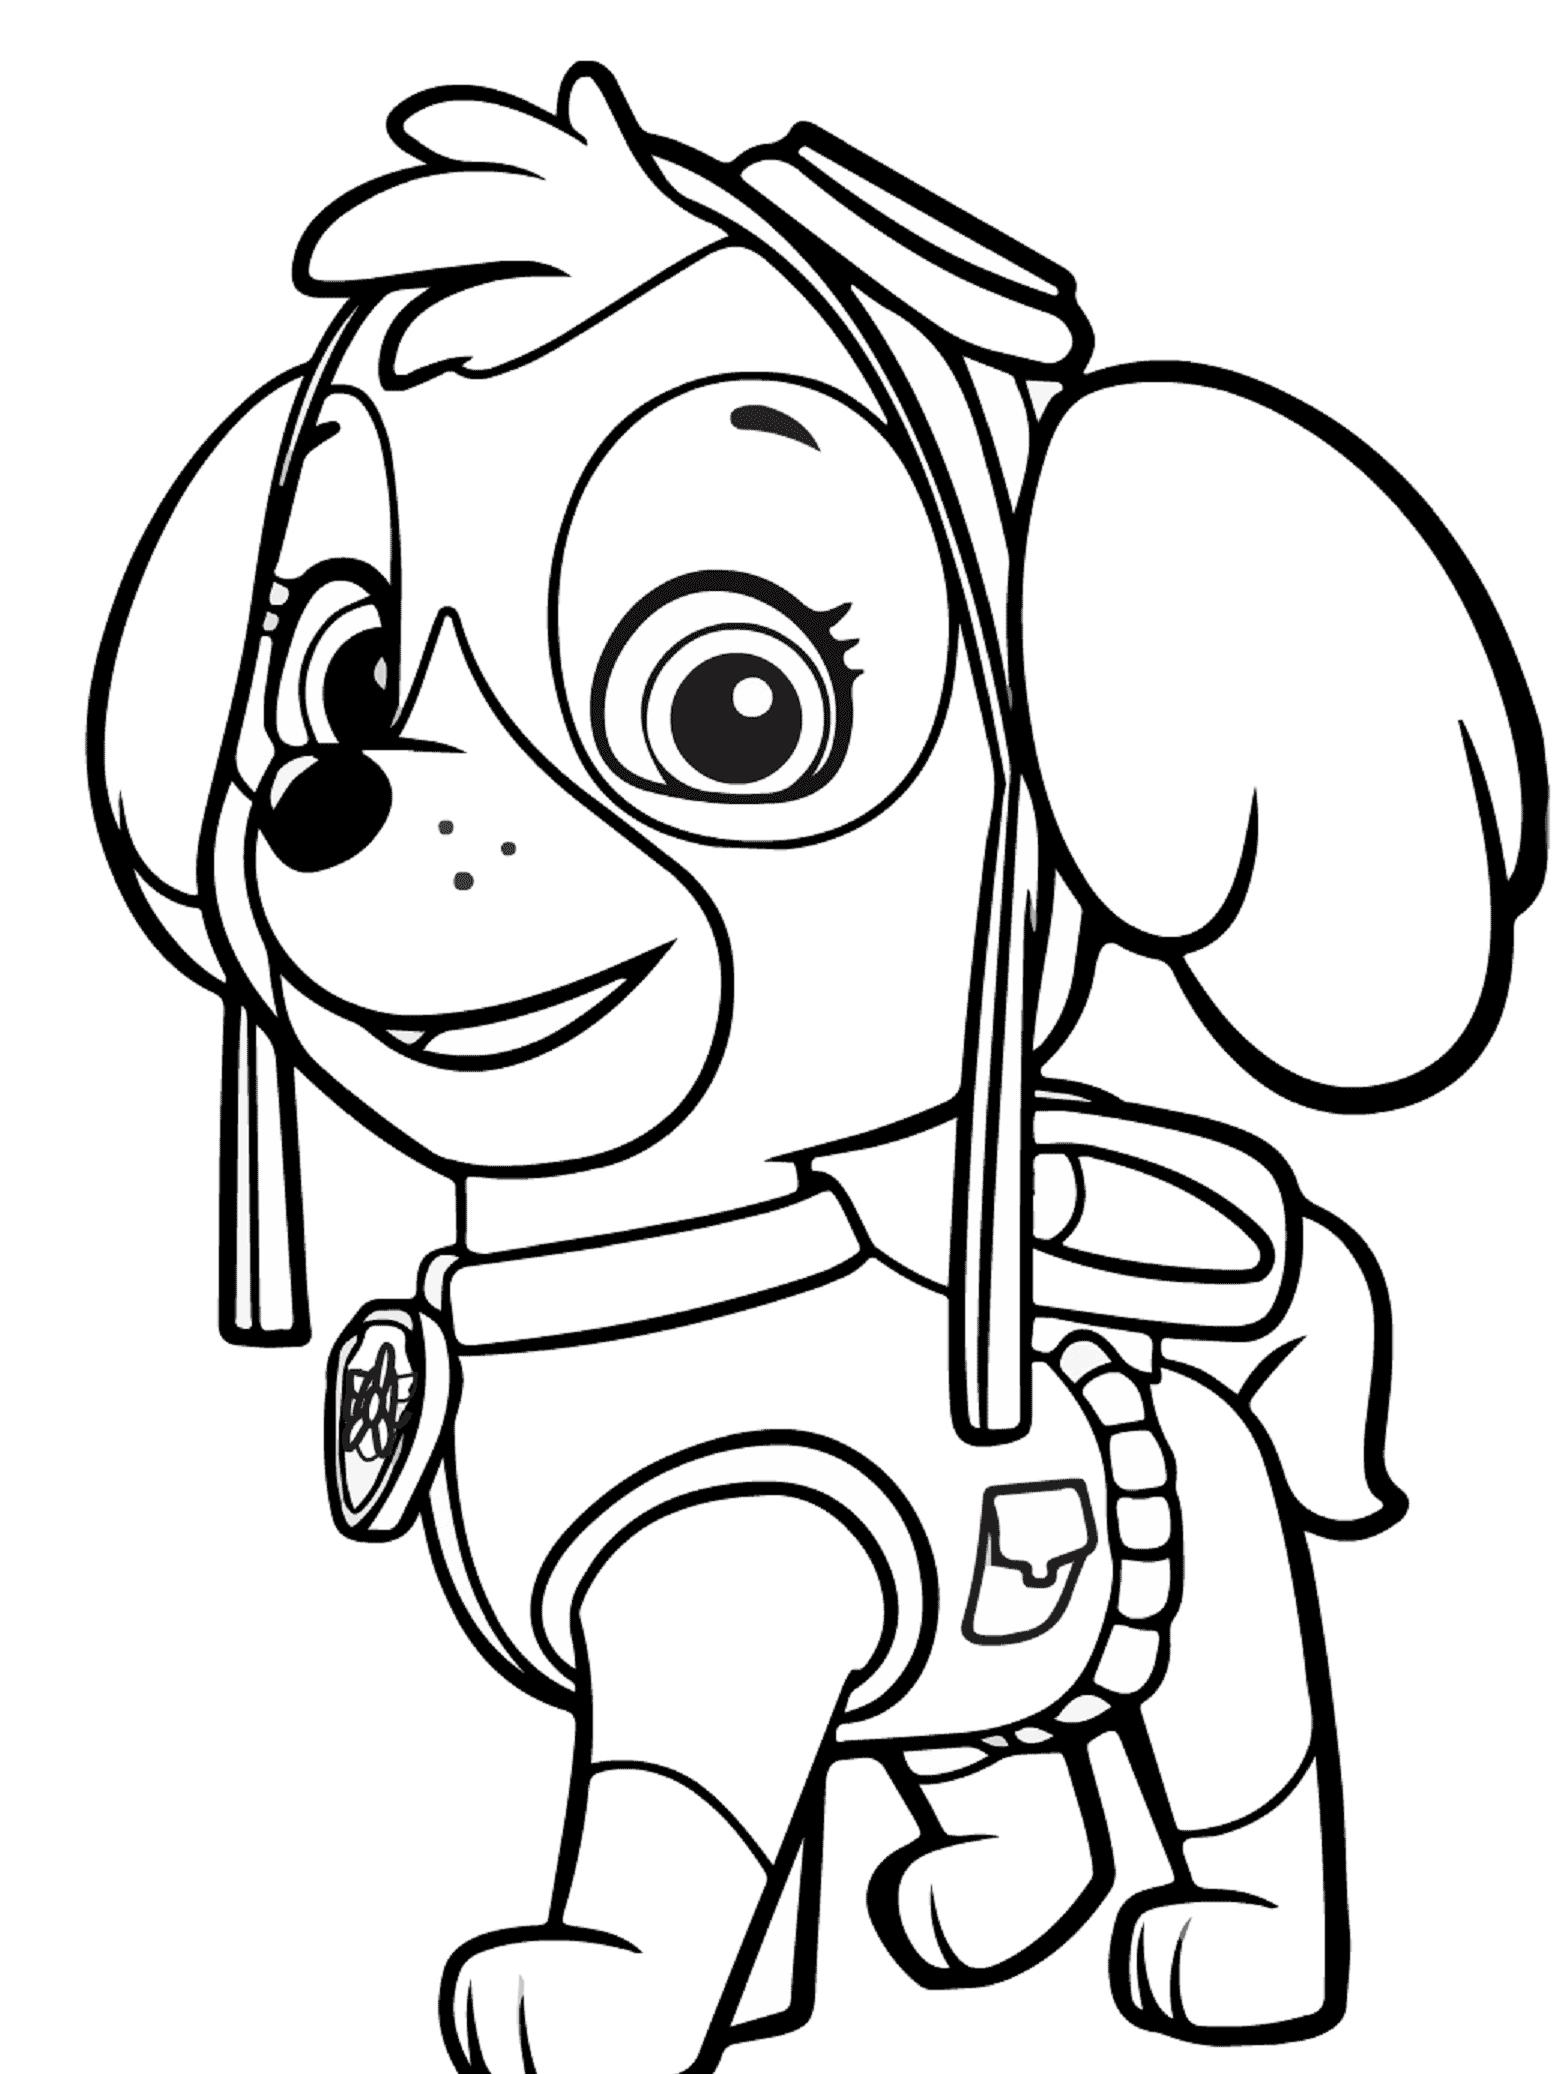 Dibujos De Paw Patrol Para Colorear Dibujos Para Colorear